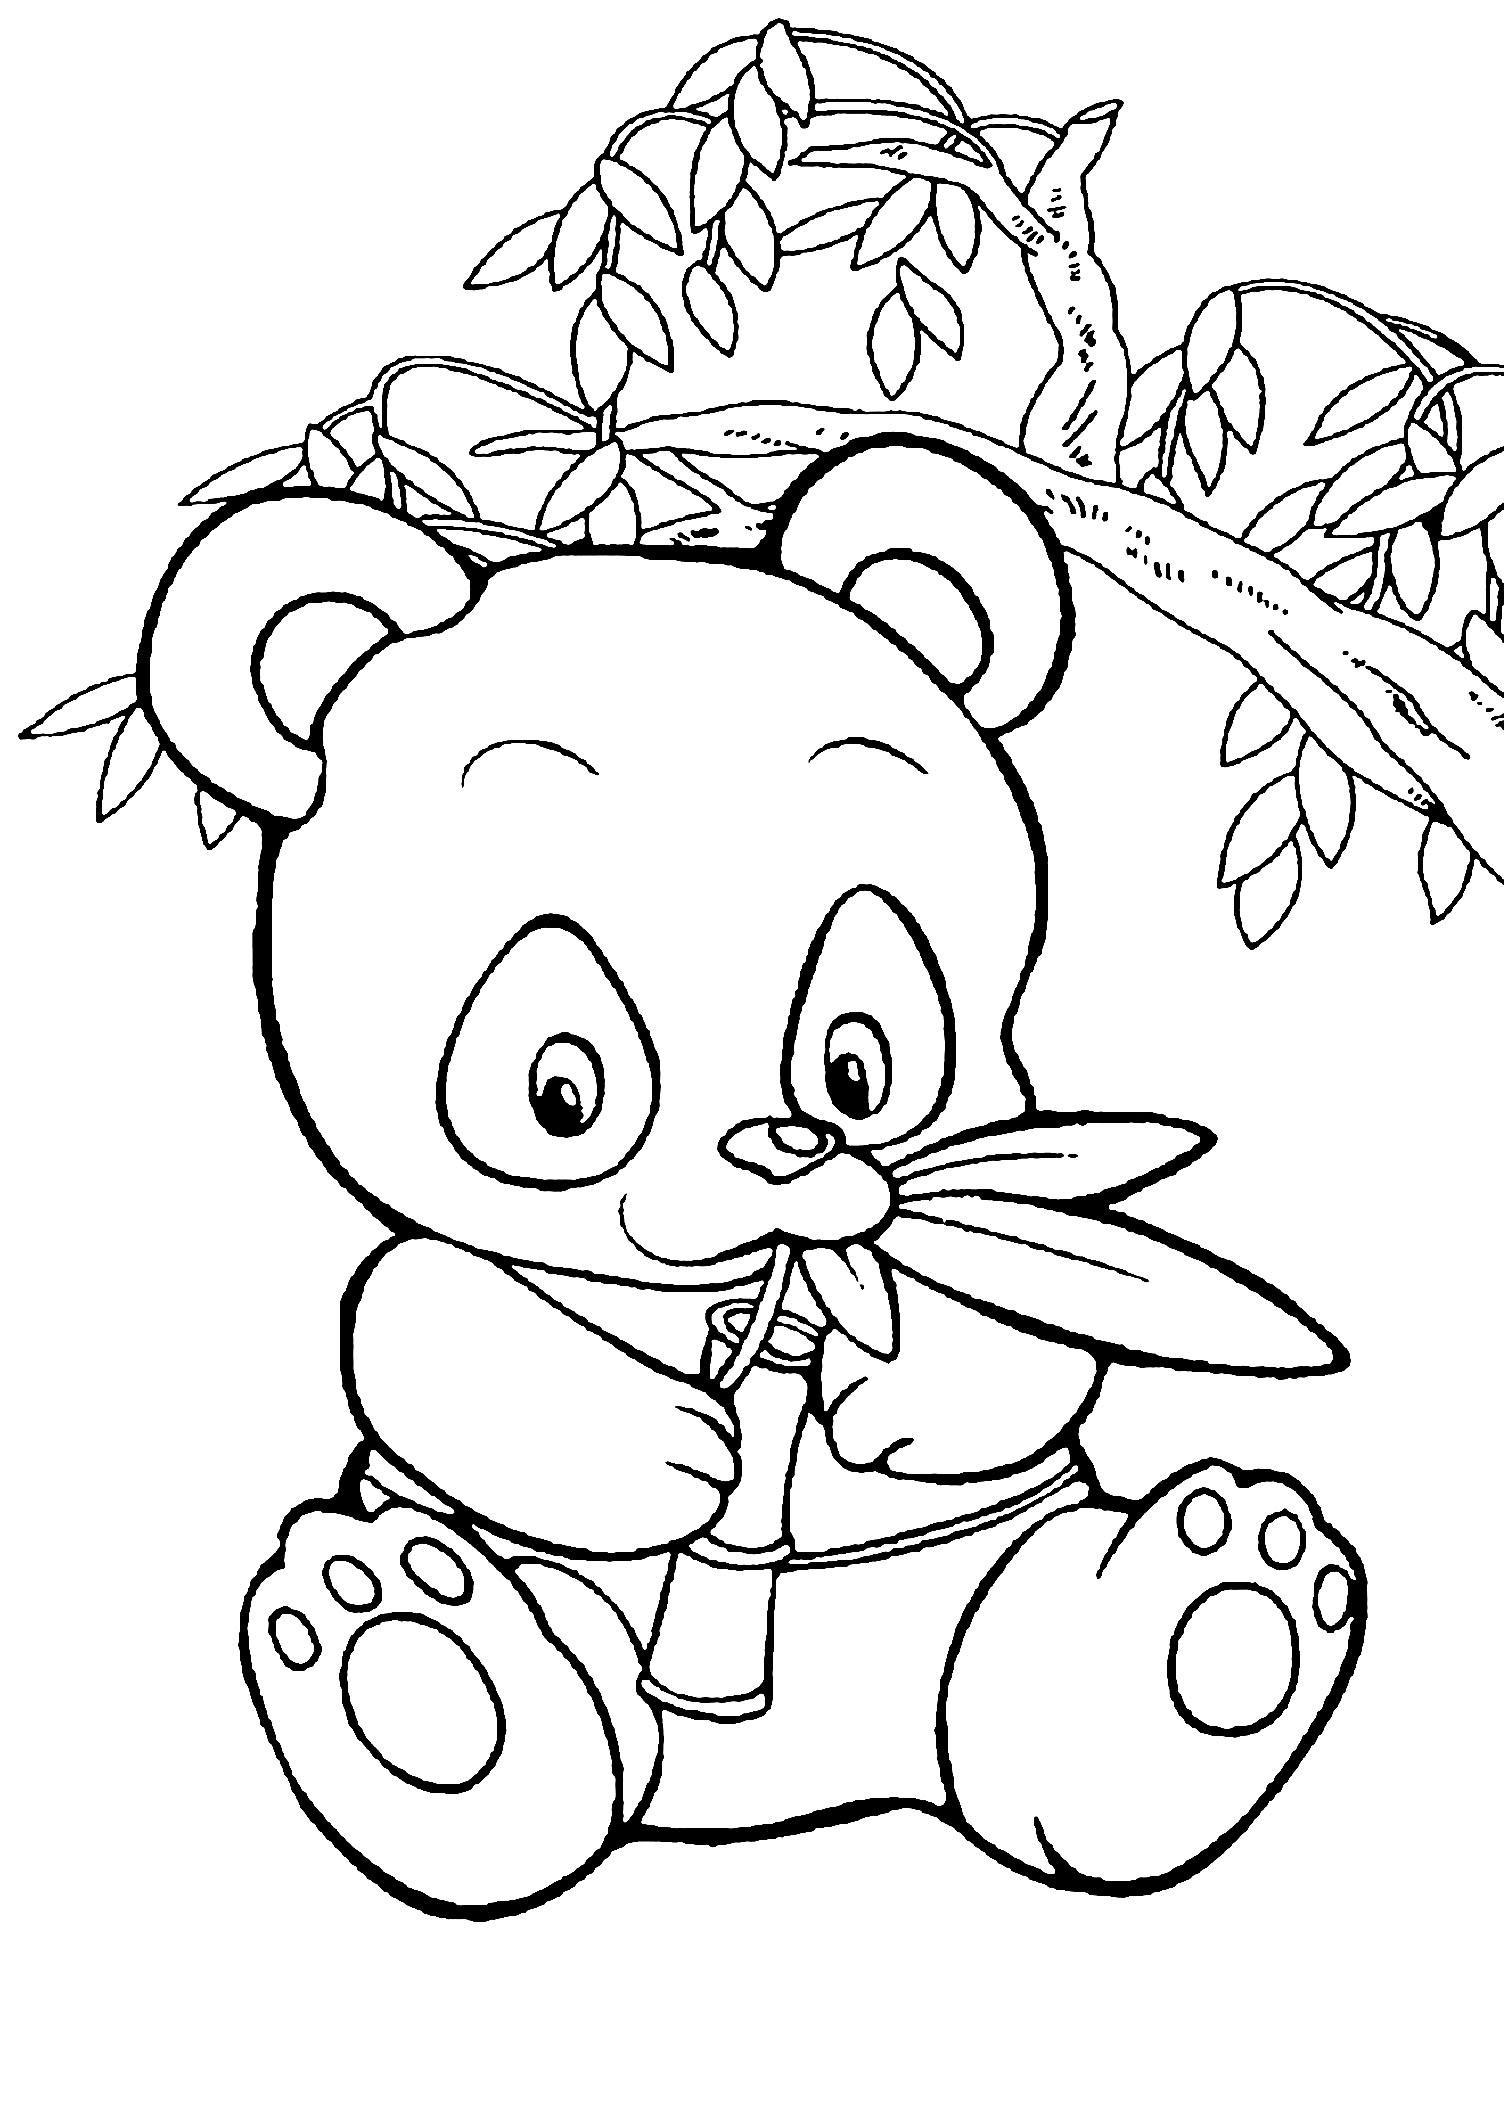 Panda ‡ Imprimer Unique Panda Coloring Pages For Preschool intérieur Panda À Colorier